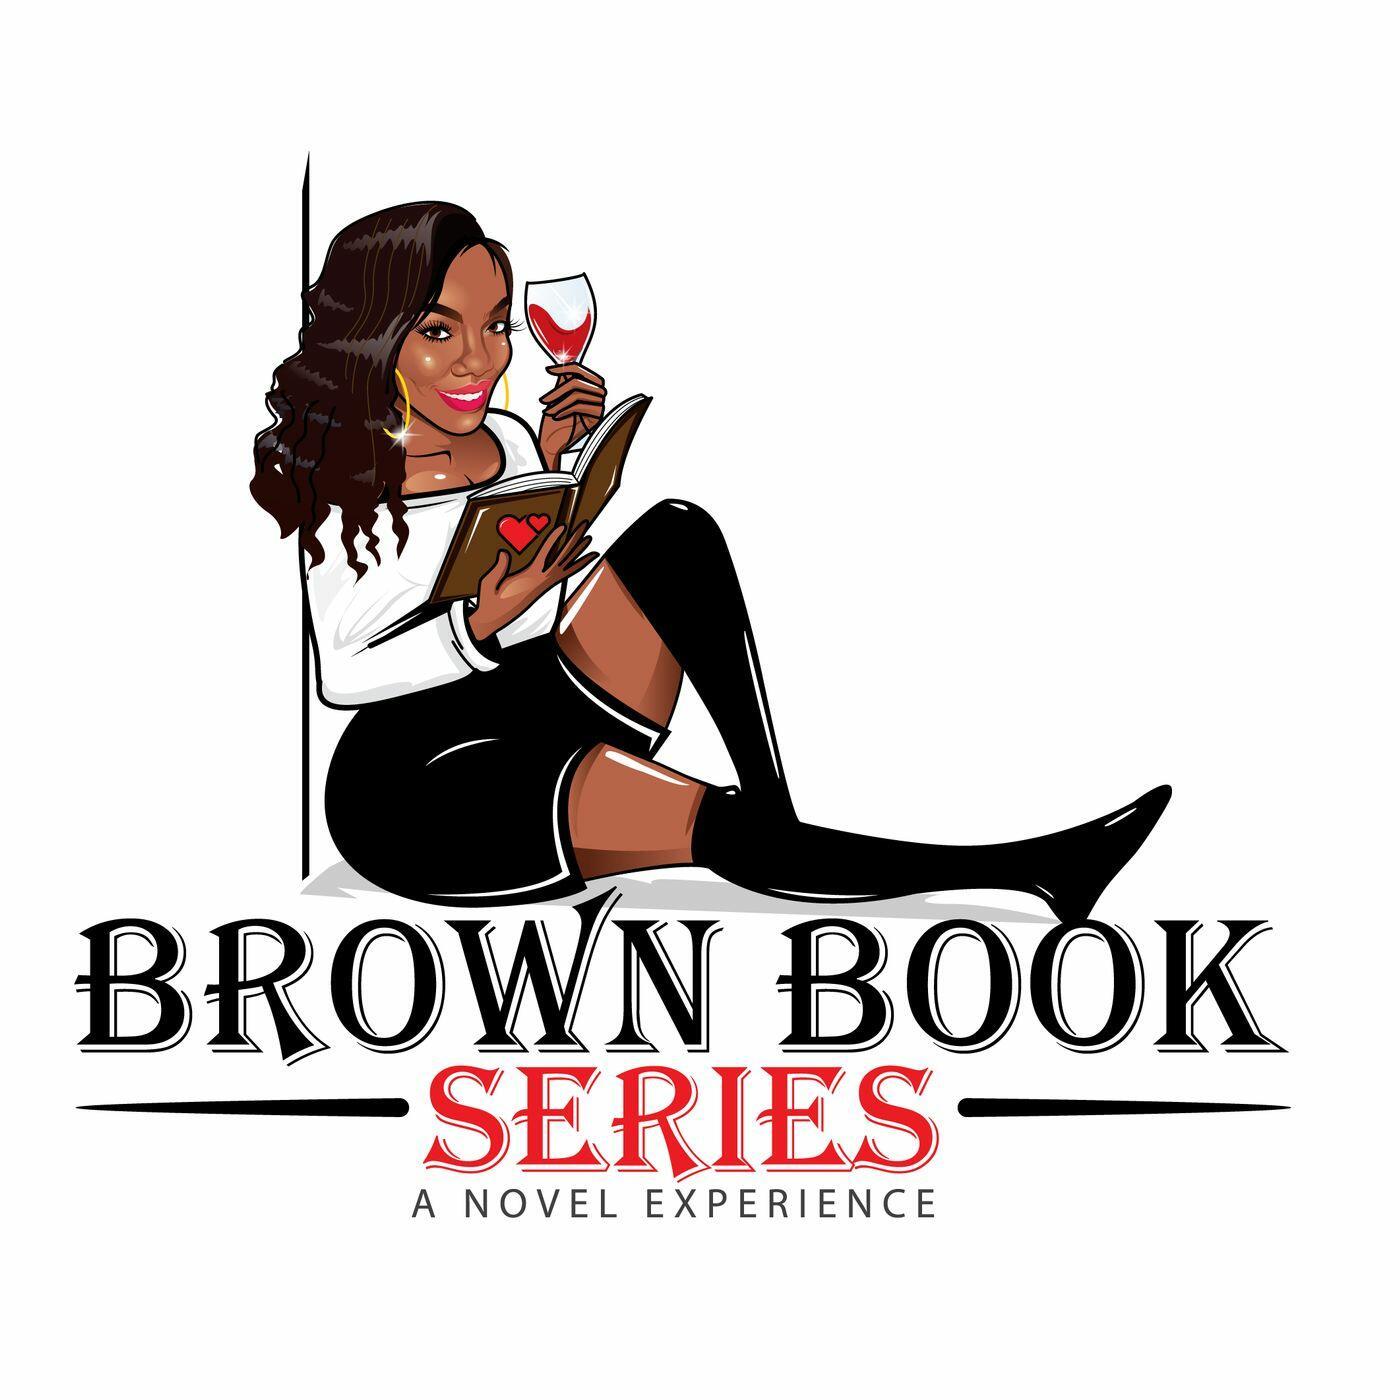 Brown Book Series